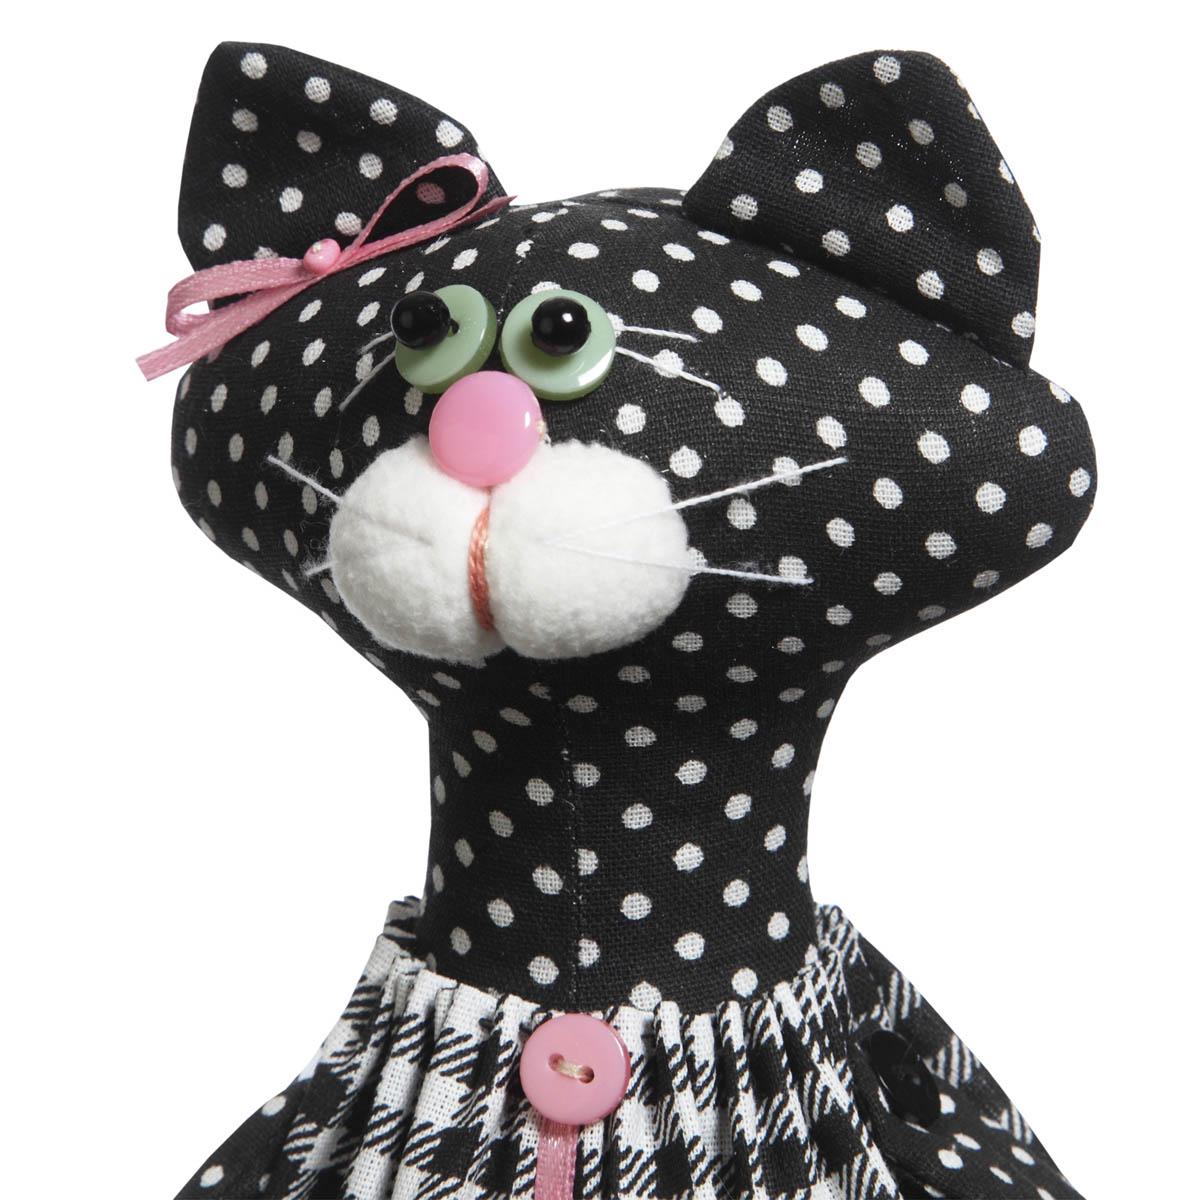 ТК-009 Набор для шитья мягкой игрушки 'Кошечка Марта'